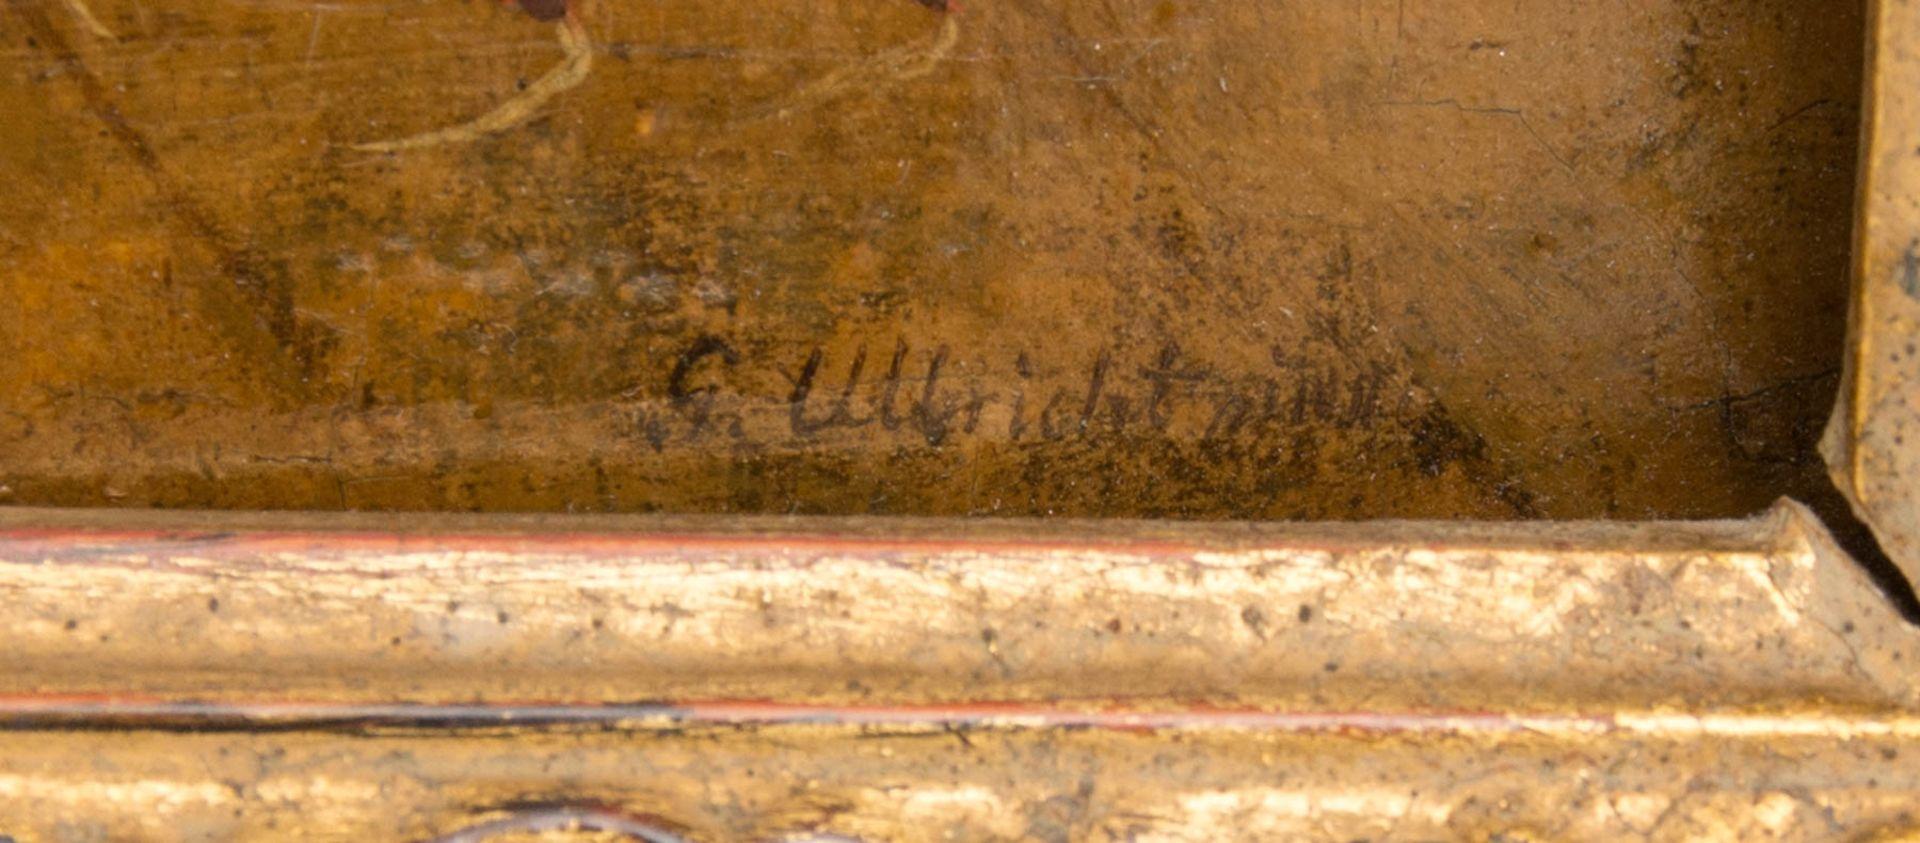 Johann Phillipp Ulbricht, Paar humorvolle Szenen, Öl auf Holz, Mitte 18. Jh. - Bild 5 aus 12